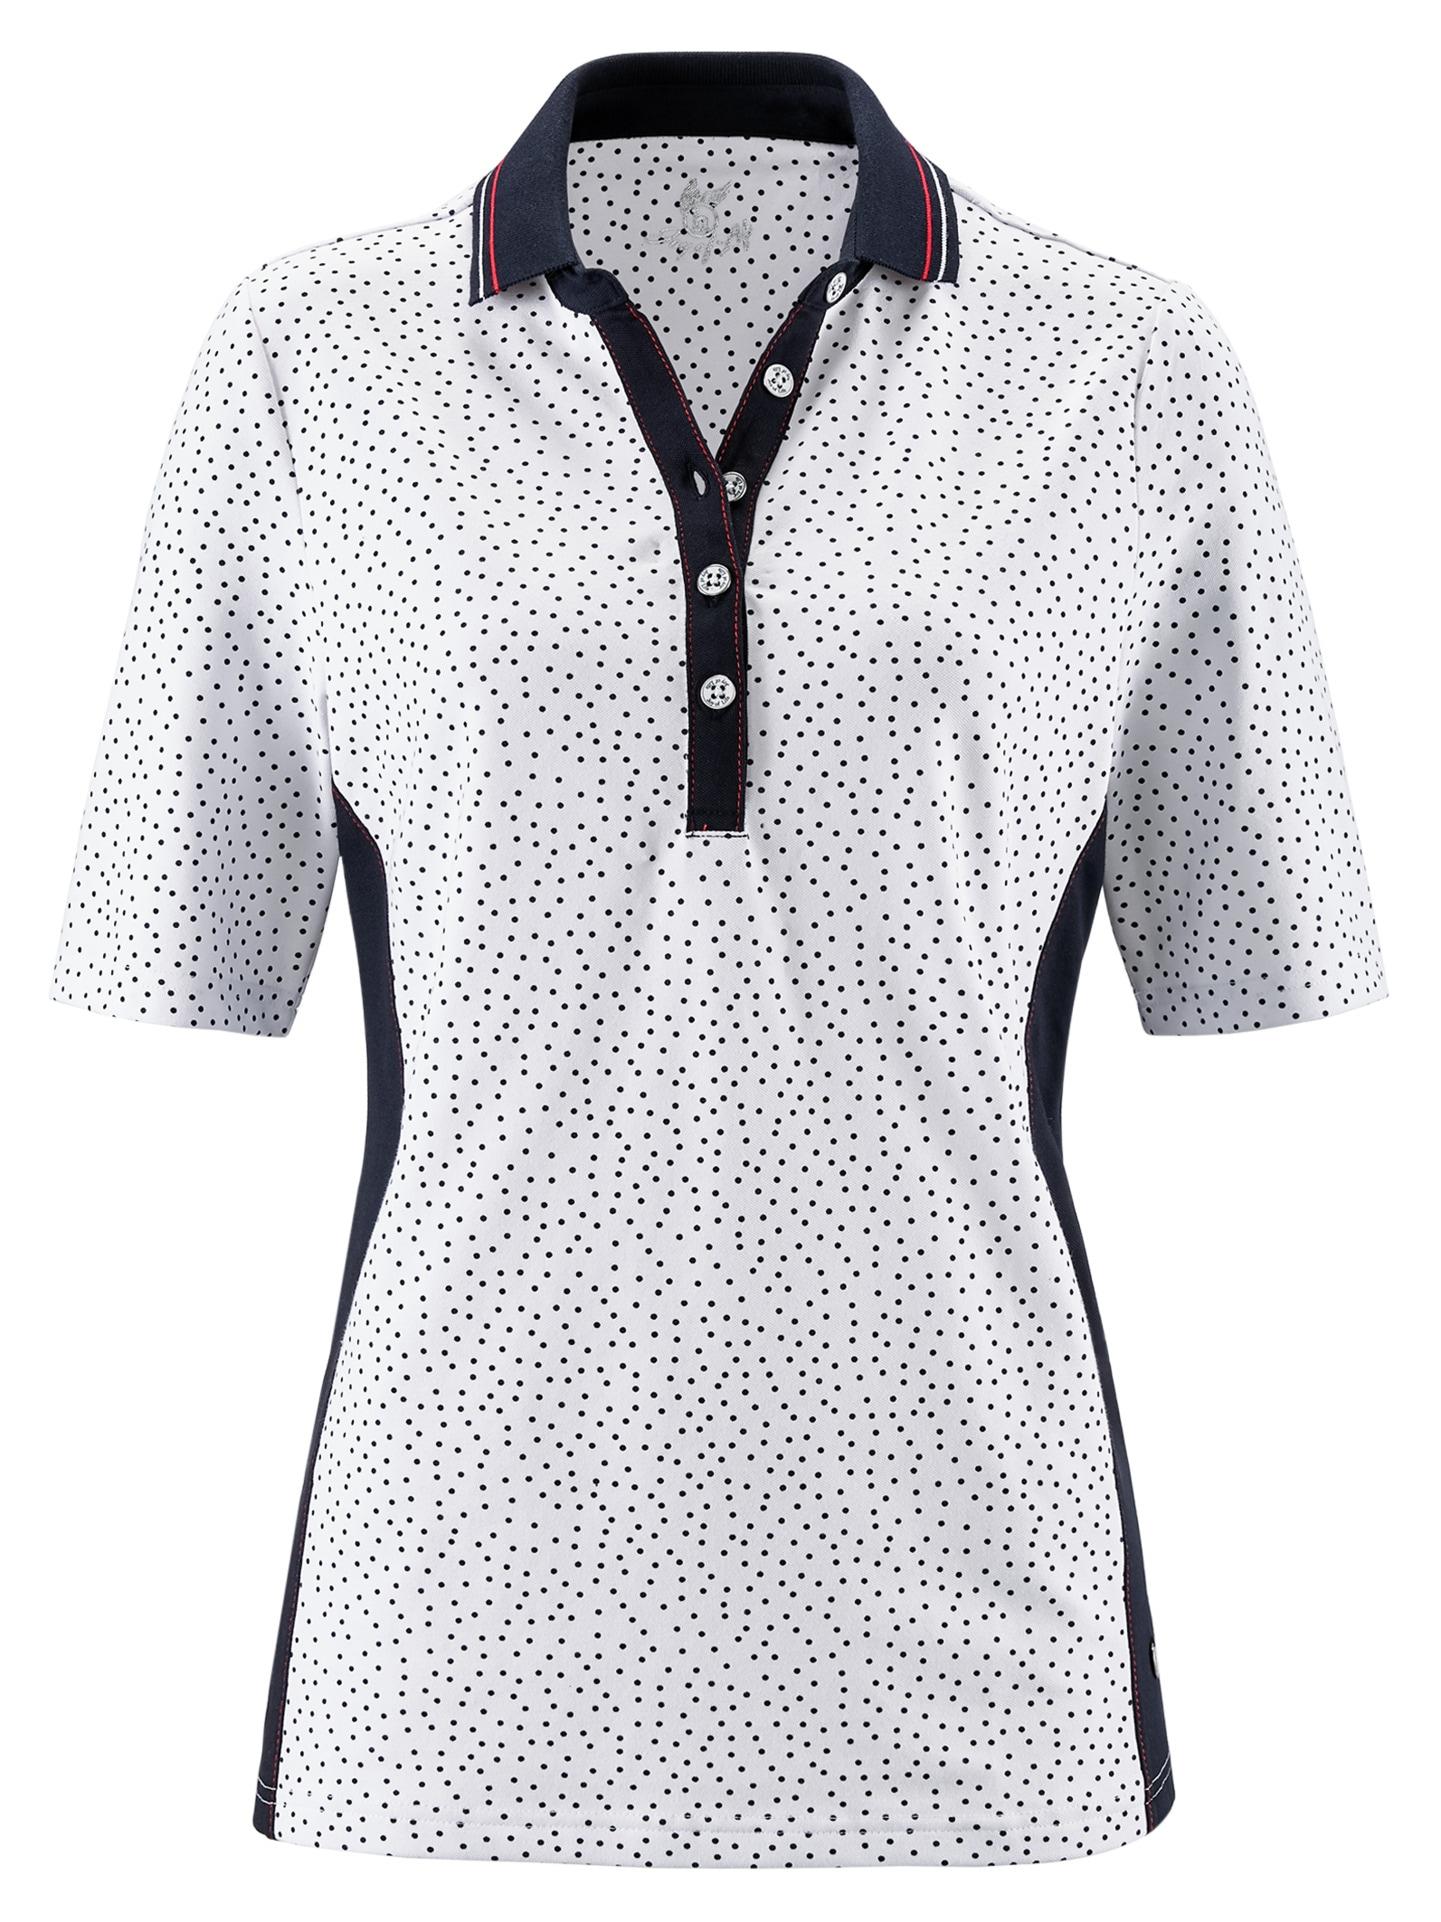 Avena Damen Poloshirt Maritim Weiß 43-5028-4